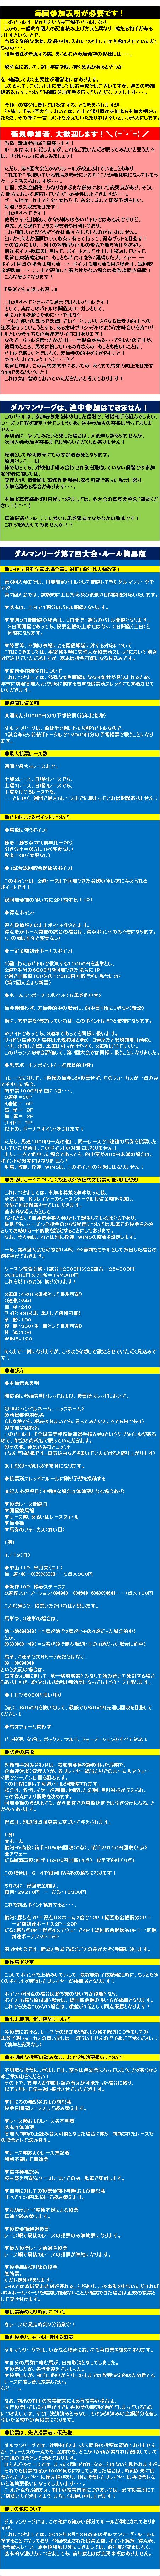 20150426・ダルマンリーグ第7回大会開催要項②.jpg